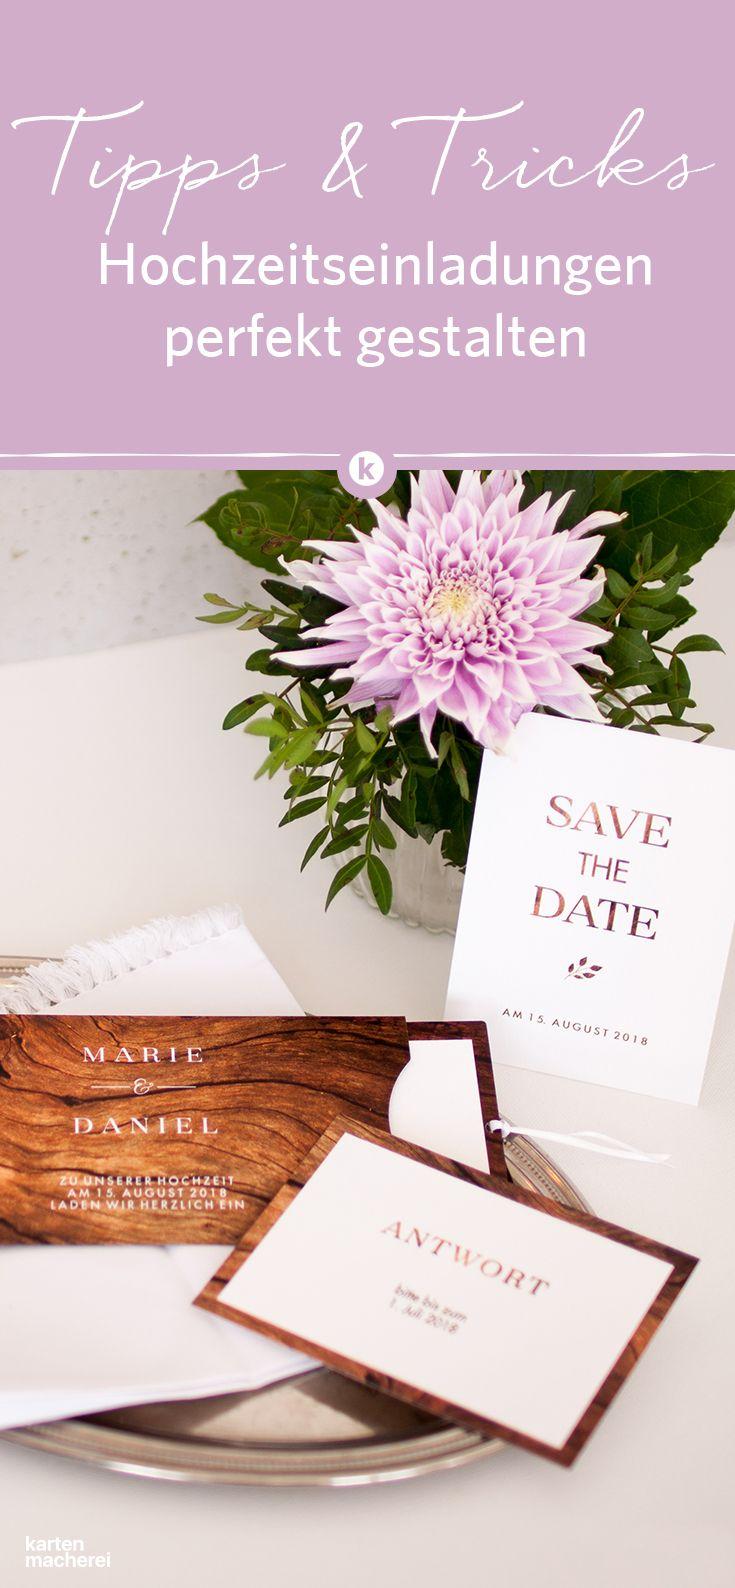 Worauf solltet ihr bei eurer Hochzeitseinladungachten? Welche Informationen sind unverzichtbar? Und wann sollten die Einladungskarten verschickt werden? Wir haben die wichtigsten Tipps zusammengefasst.  #papeterie #paperlove #wedding #hochzeit #hochzeitspapeterie #tischdecoration #weddingdecoration #einladung #hochzeitseinladung #weddinginvitation #invitation #kartenmacherei